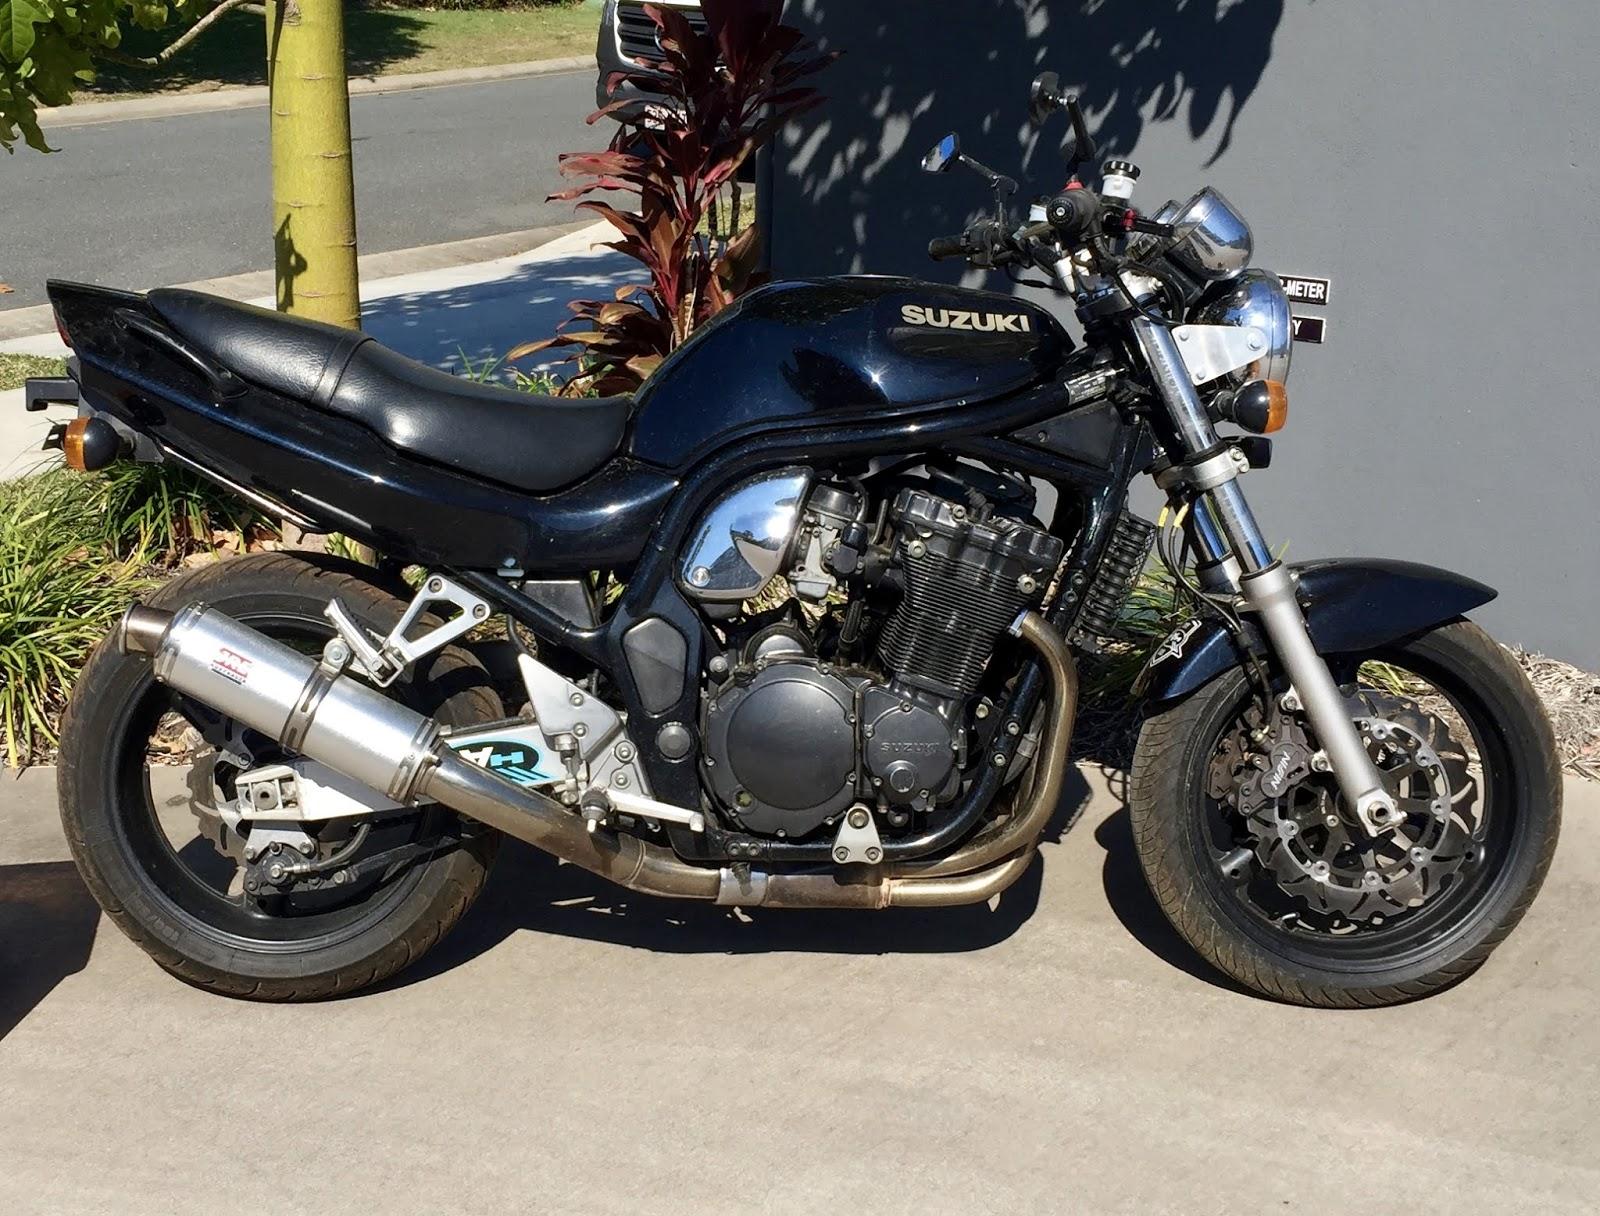 suzuki bandit fuse box location biketech7 suzuki bandit 1200     the old school hooligan tool  biketech7 suzuki bandit 1200     the